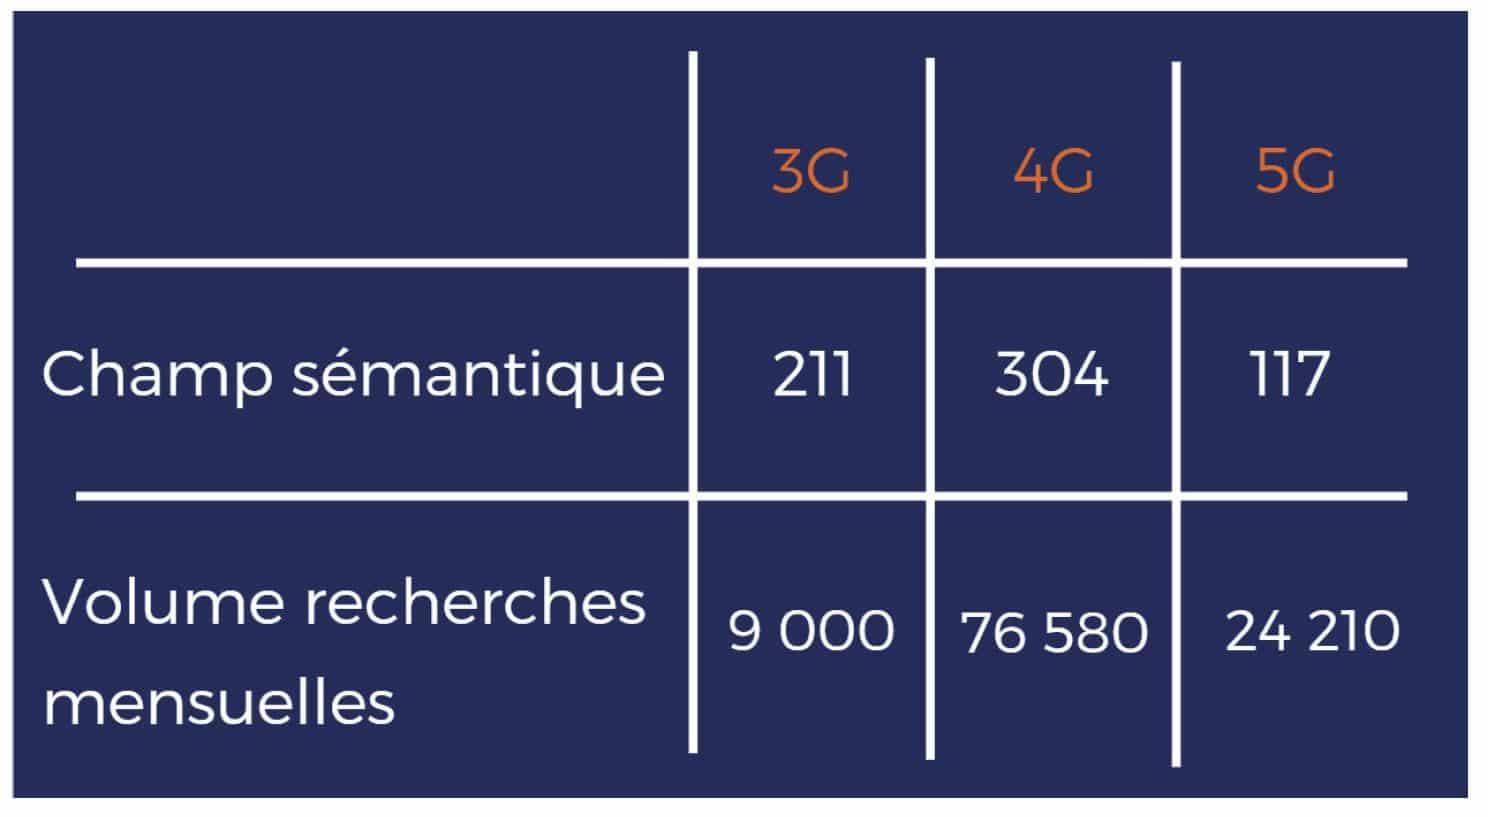 Tableau des recherches Google autour de la 3G, 4G et 5G